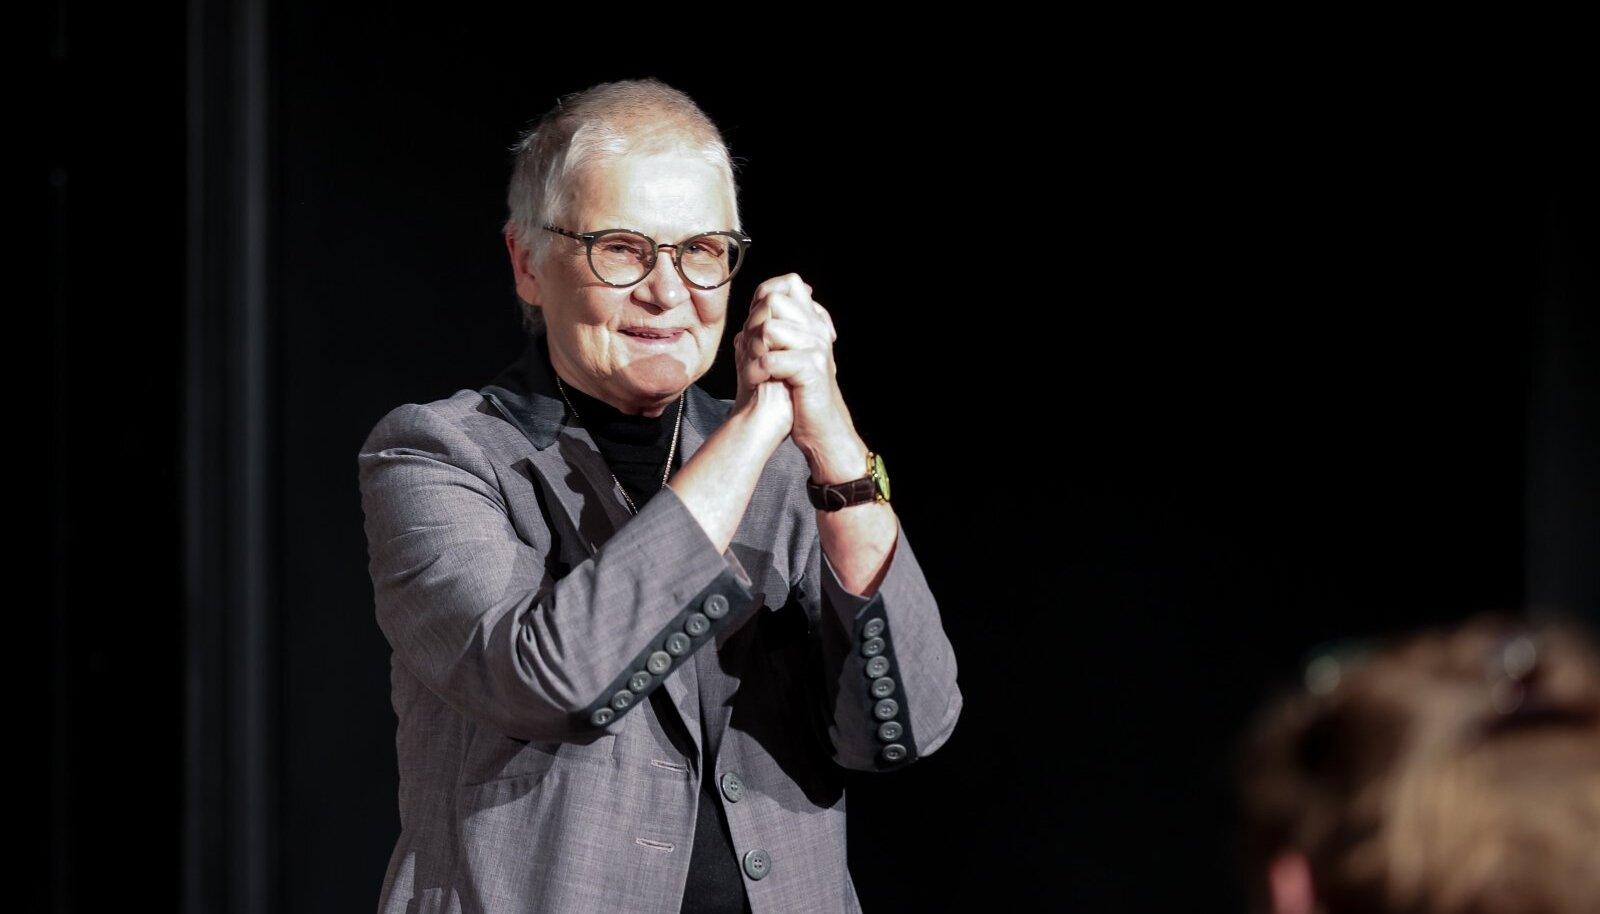 """EMTA lavakunstikoolis esitleti Merle Karusoo kaheköitelist teost """"Panso 100. Nii palju kui andsid koerale"""""""